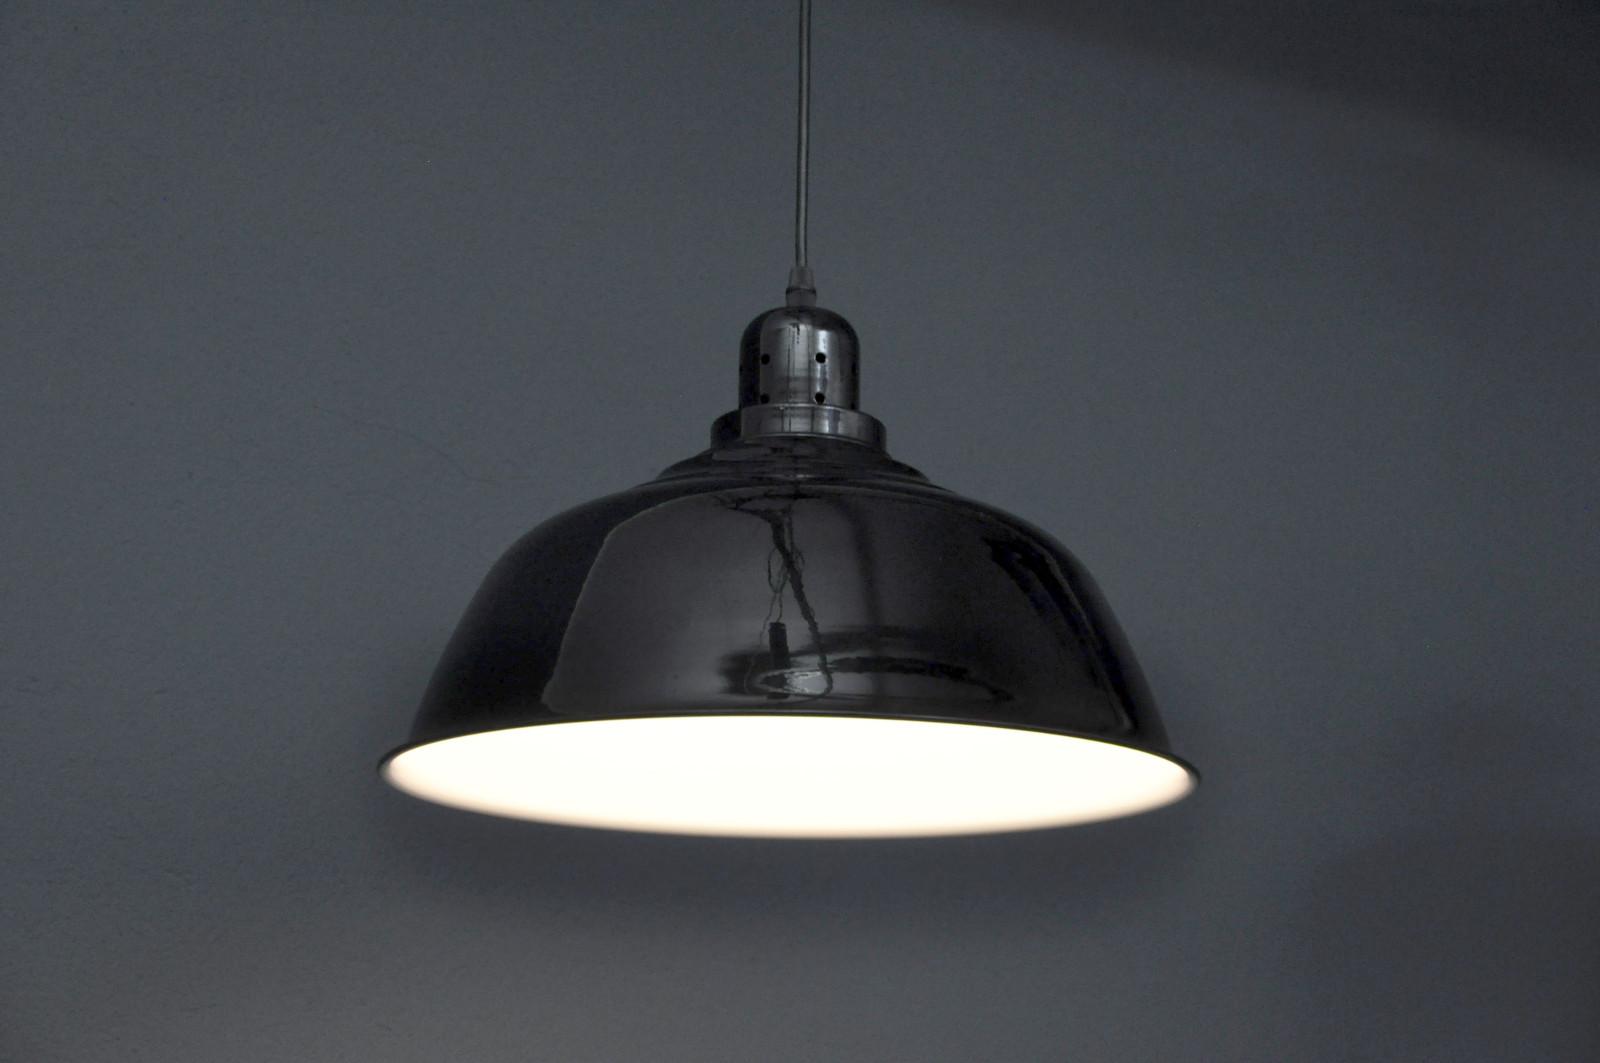 lagerhaus lampa spåkula